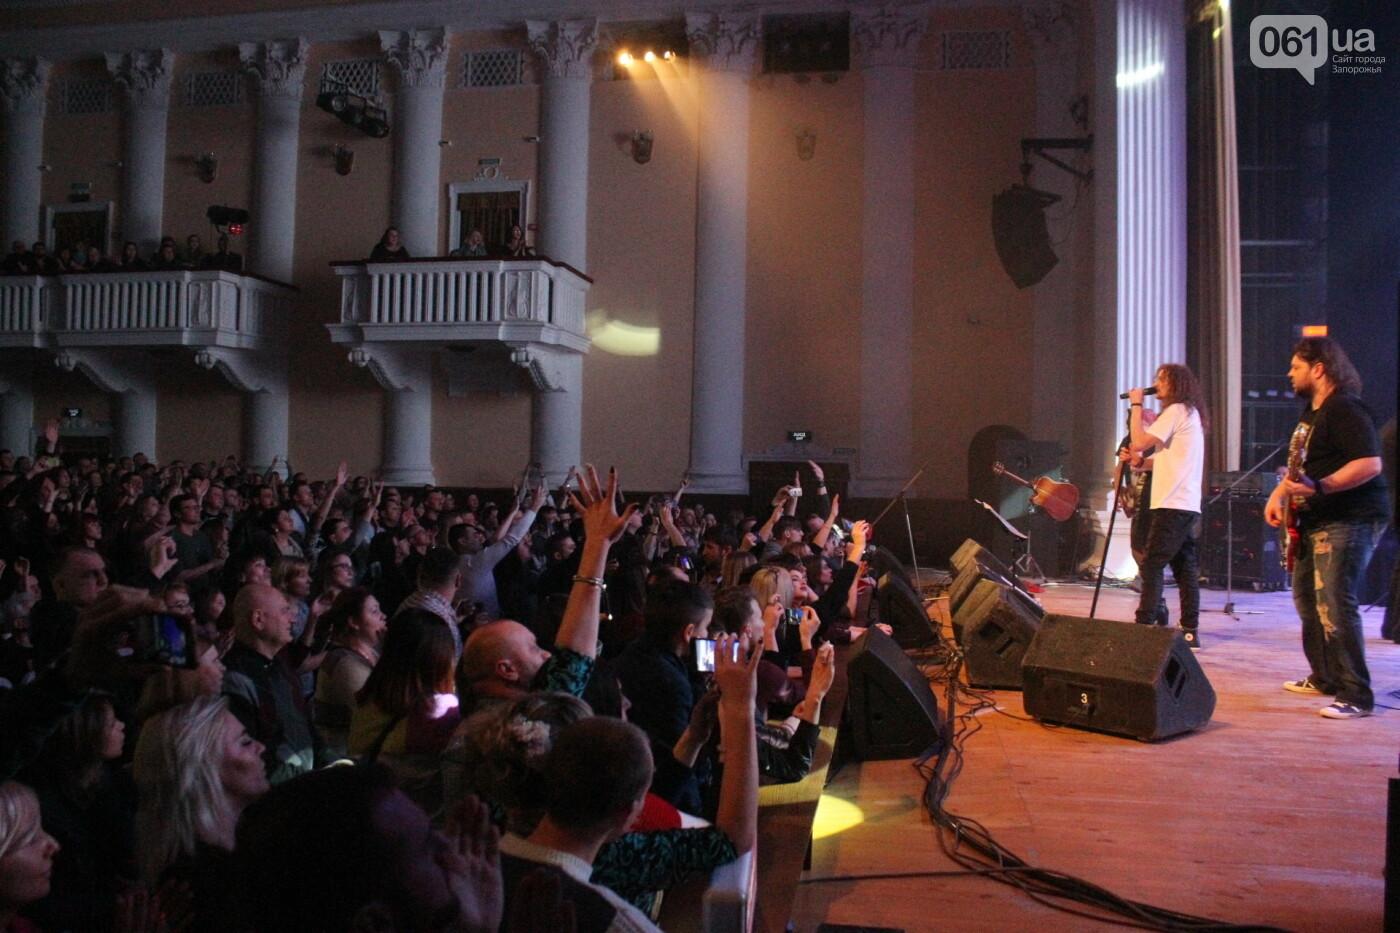 В Запорожье группа «Скрябин» сыграла лучшие хиты с симфоническим оркестром, – ФОТОРЕПОРТАЖ, фото-27